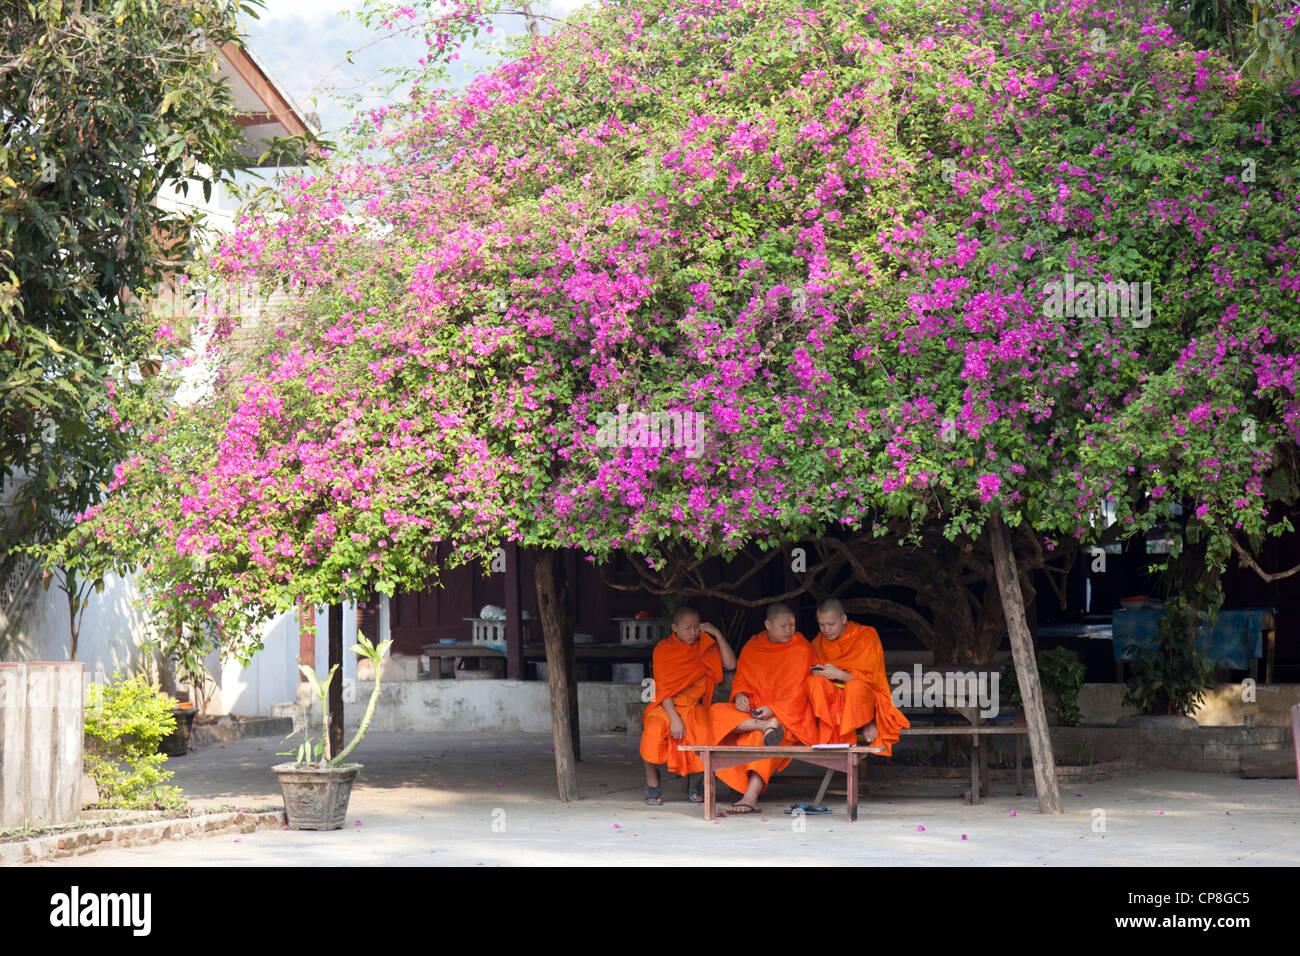 In un area del tempio, giovane buddista novizio monaci manipolazione i loro telefoni cellulari in ombra di bougainvillea. Immagini Stock